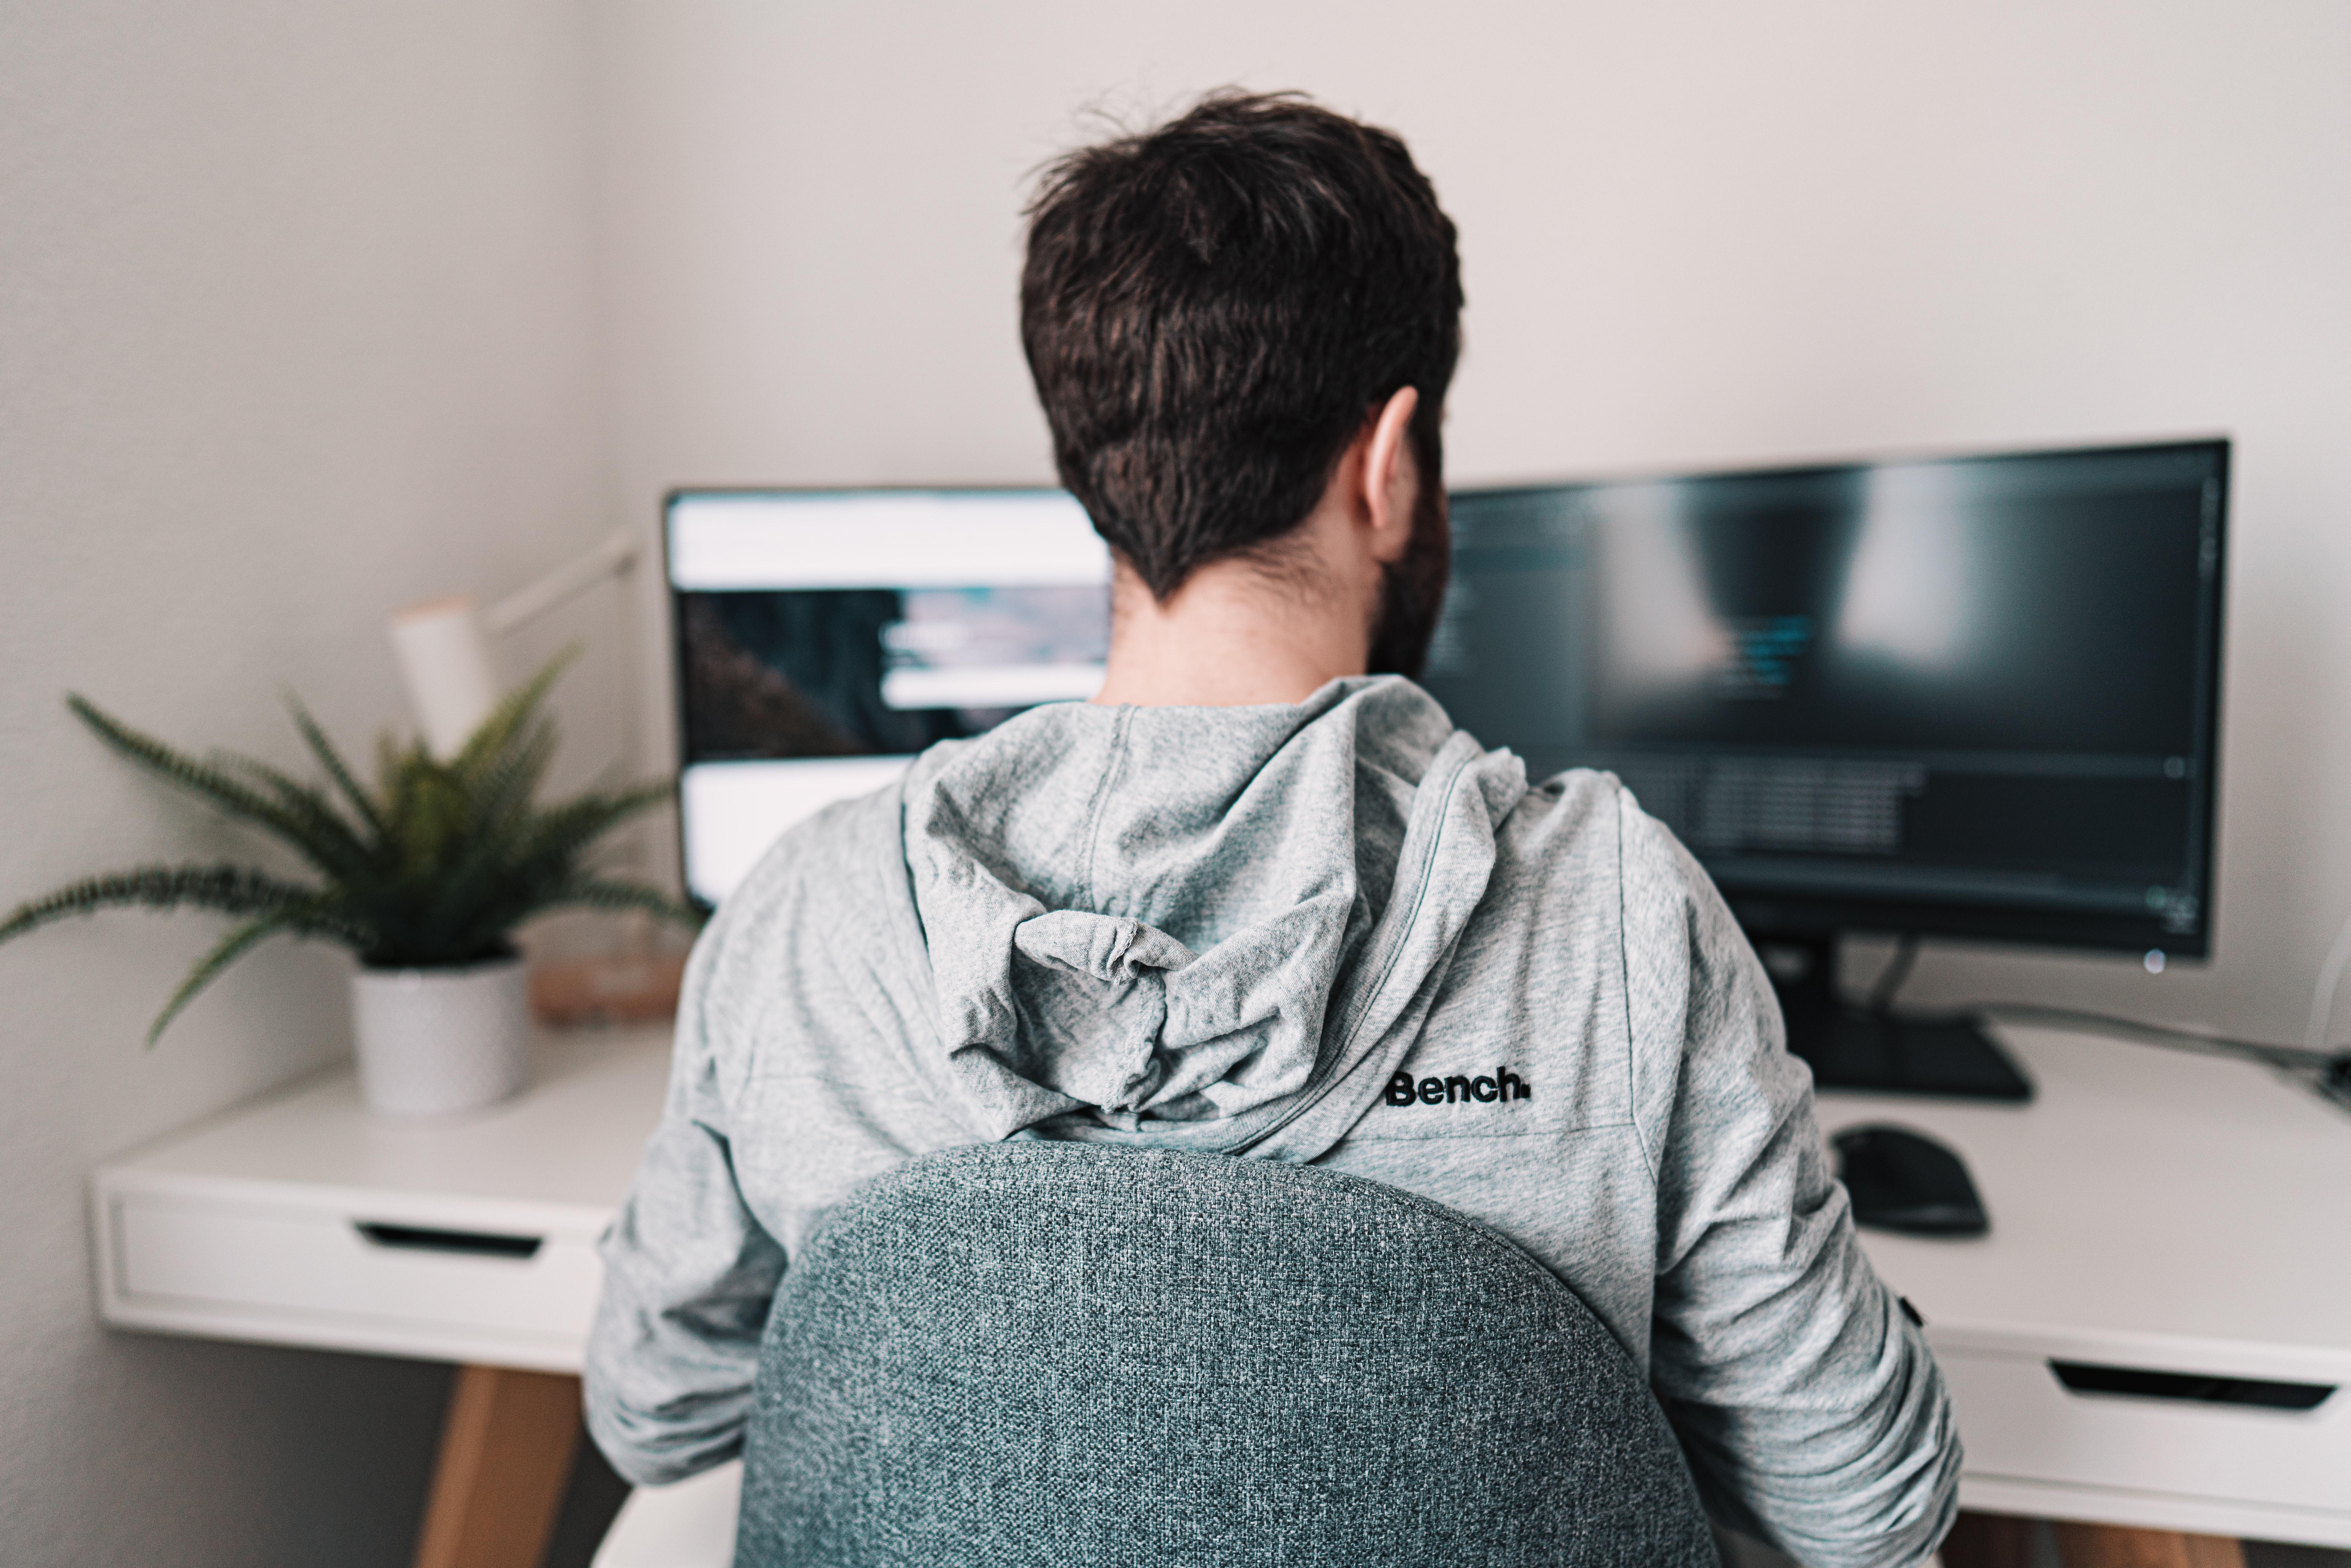 Chancen und Risiken im Home Office